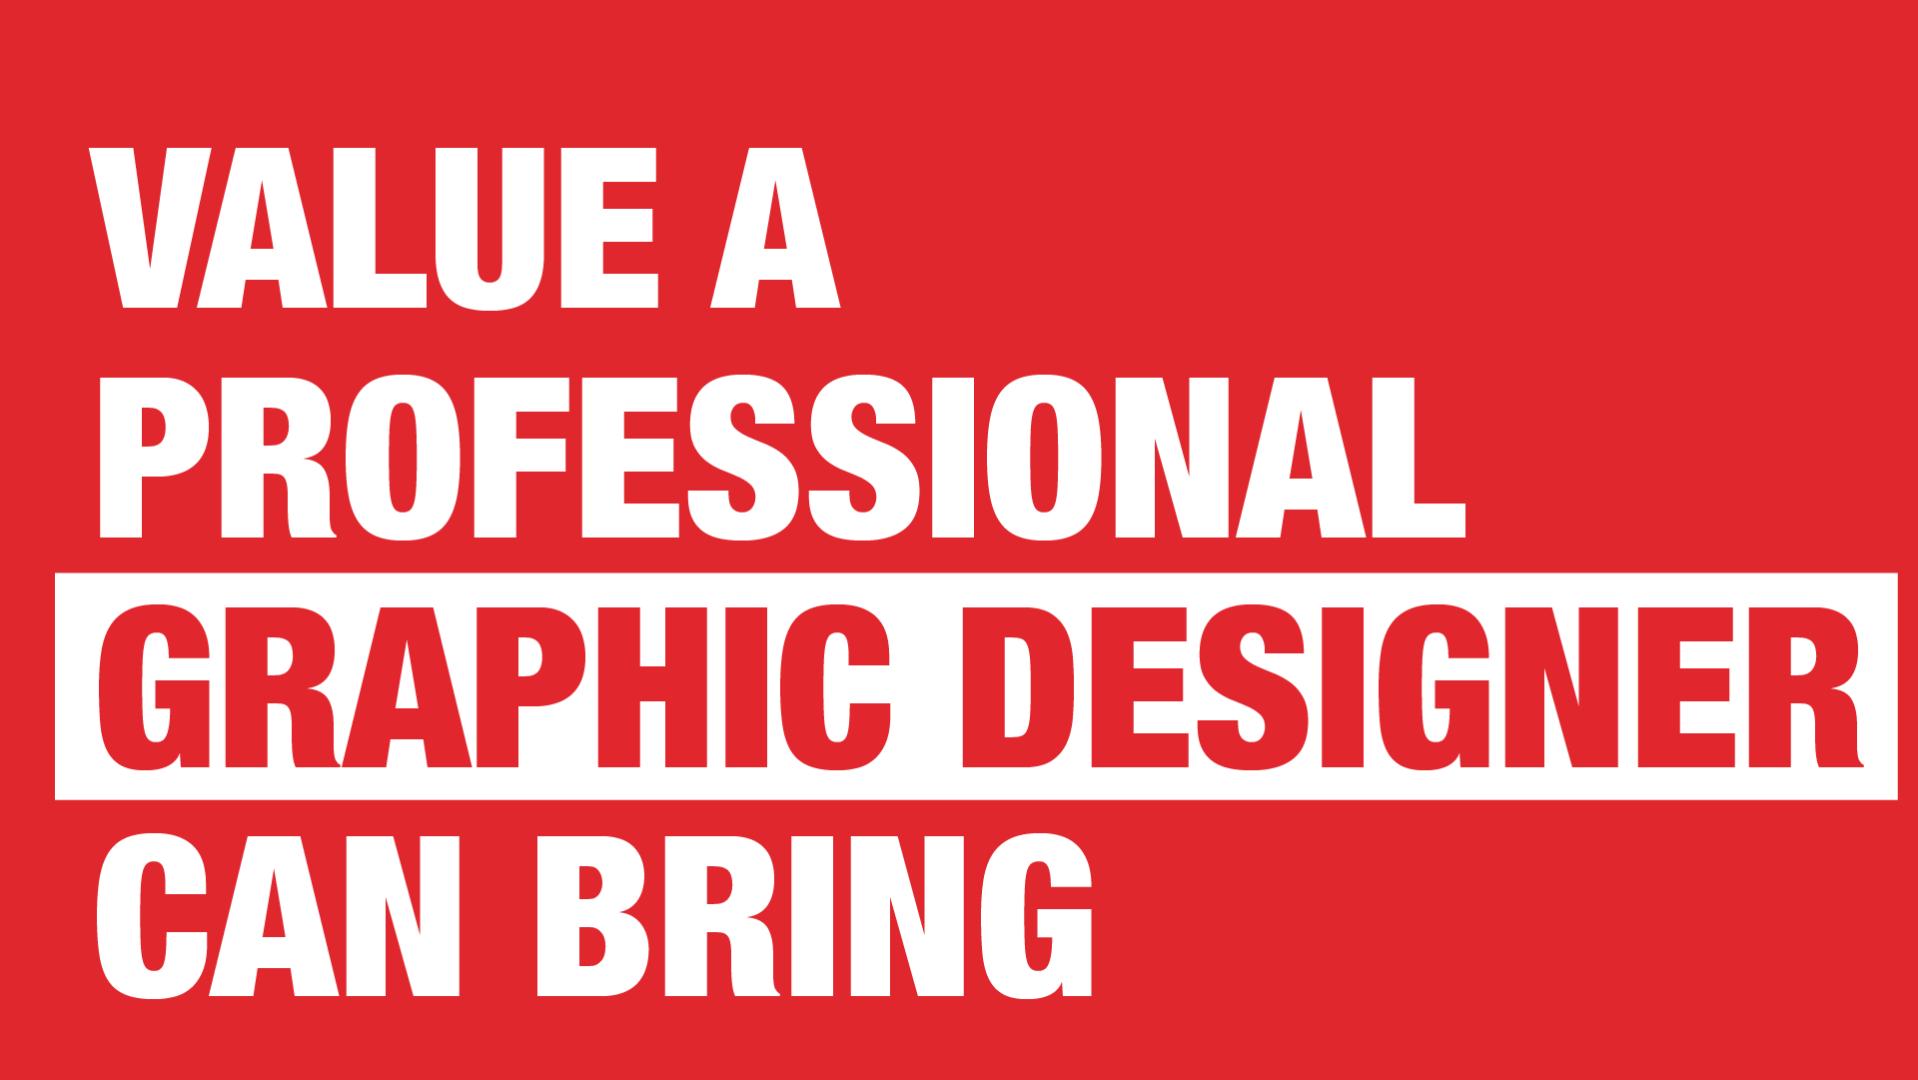 Manraj Ubhi_Value a professional graphic designer can bring